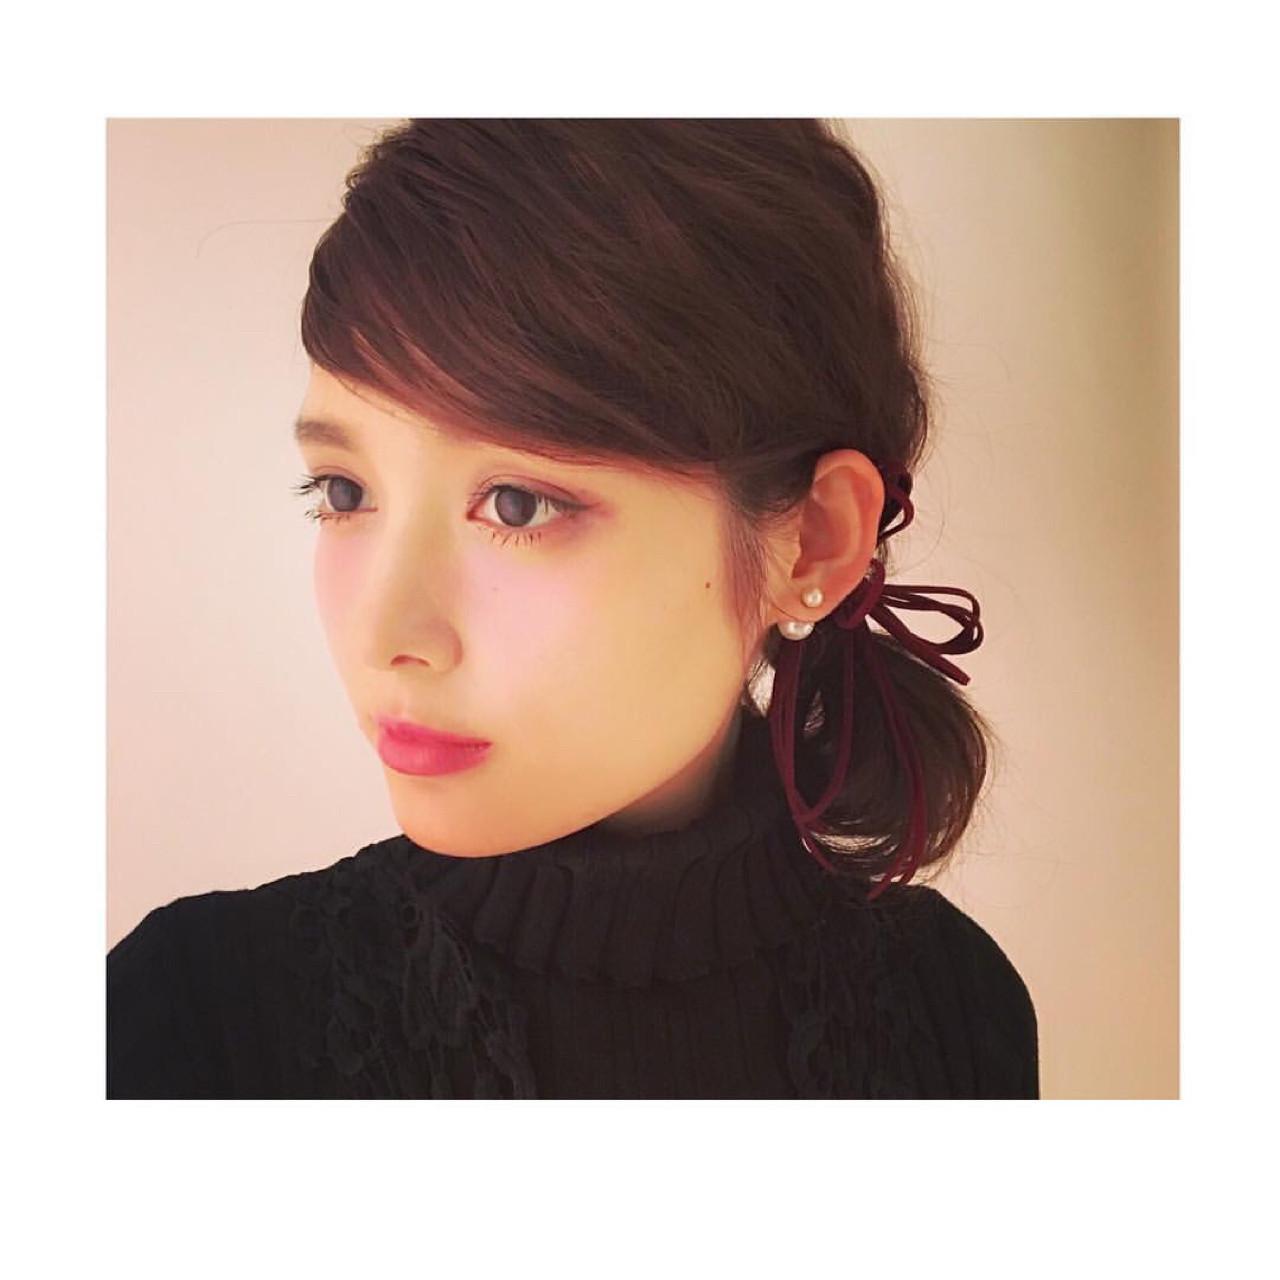 ミディアム フェミニン 前髪あり 外国人風 ヘアスタイルや髪型の写真・画像